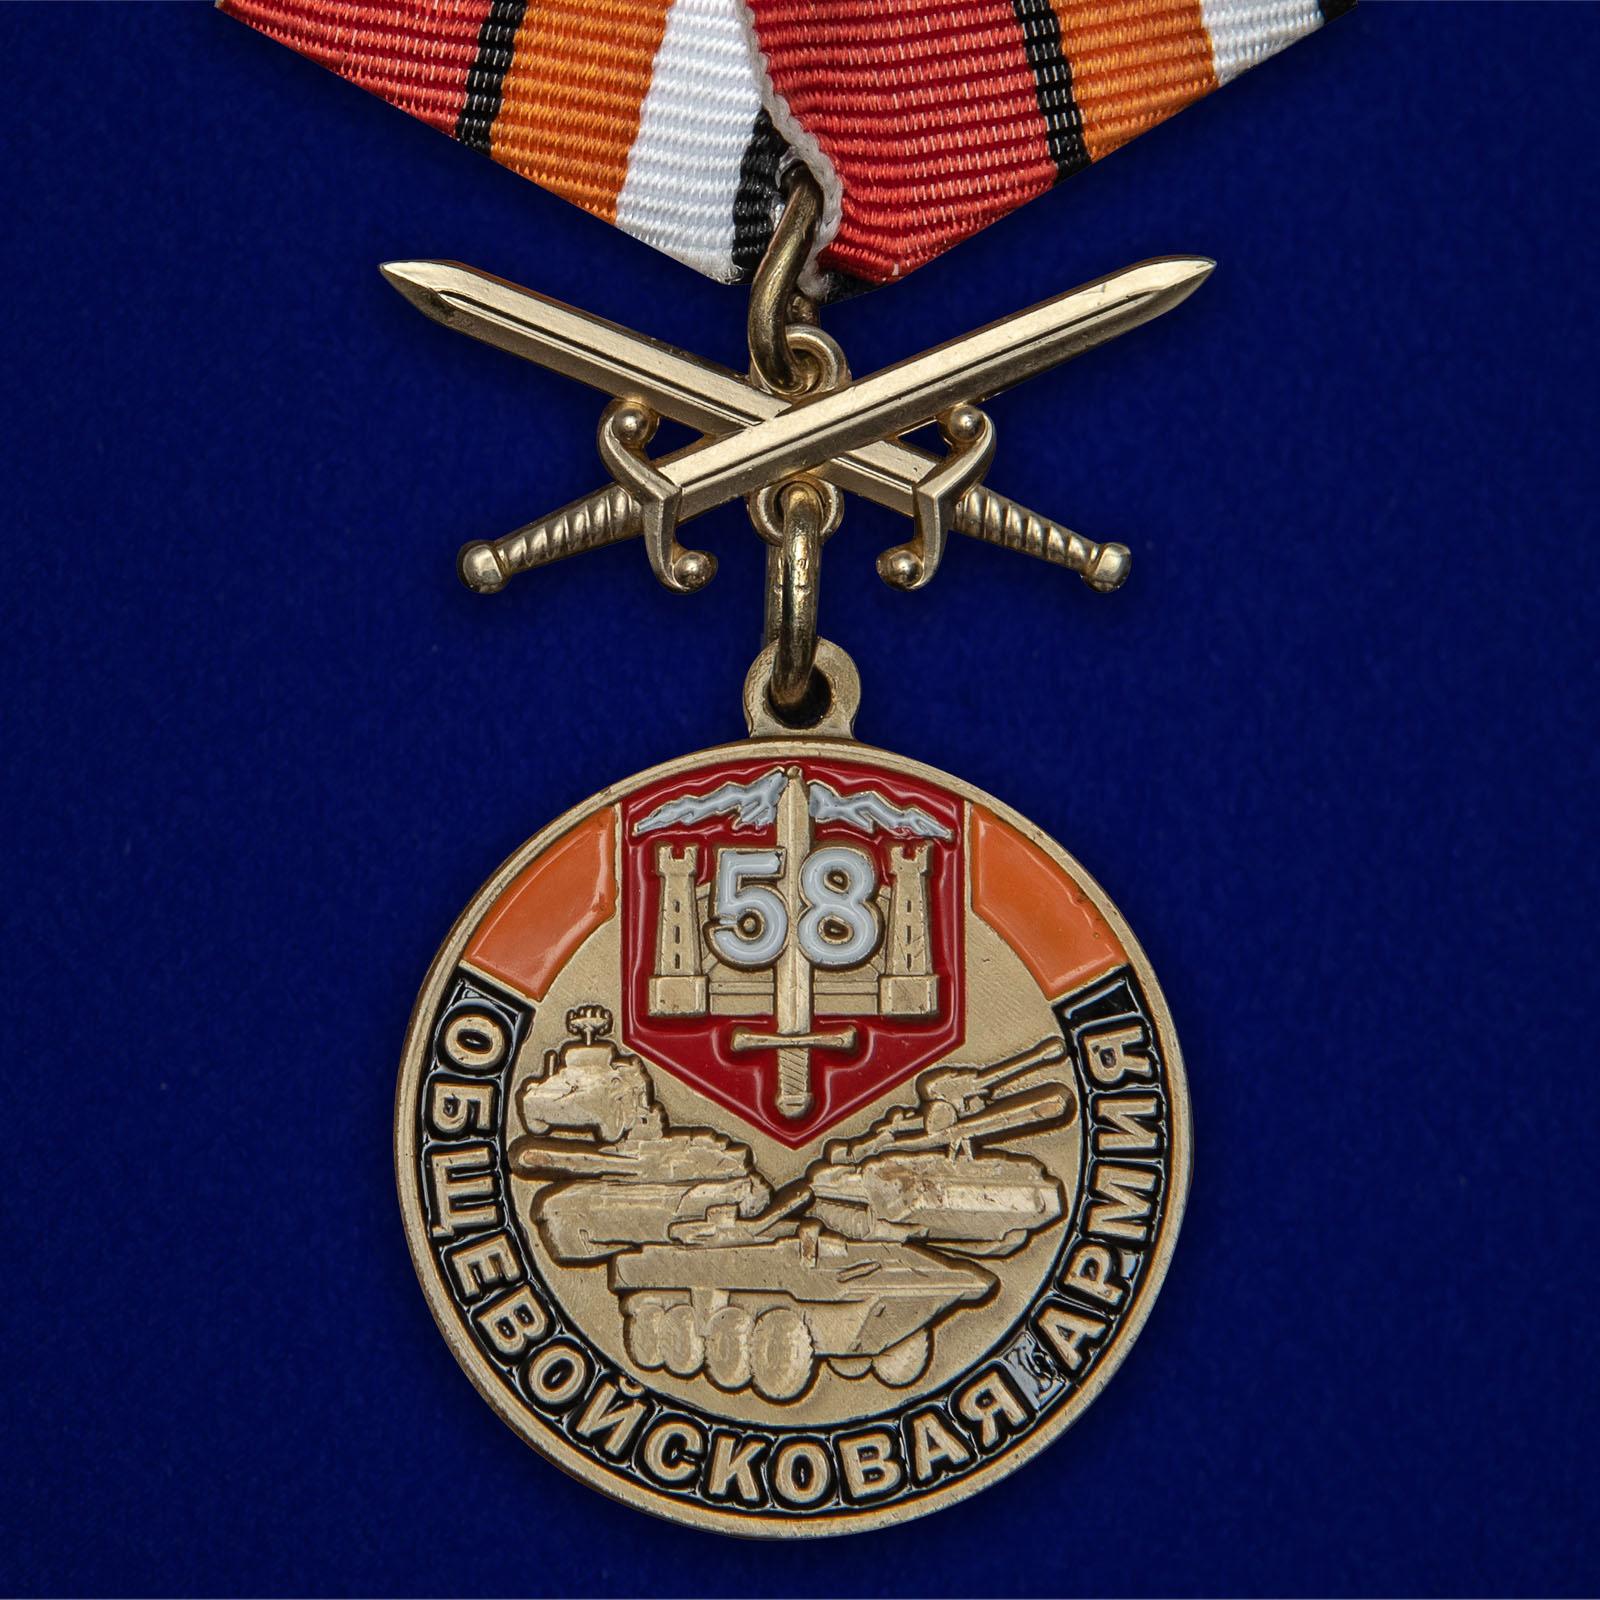 Купить медаль 58 Общевойсковая армия За службу на подставке в подарок